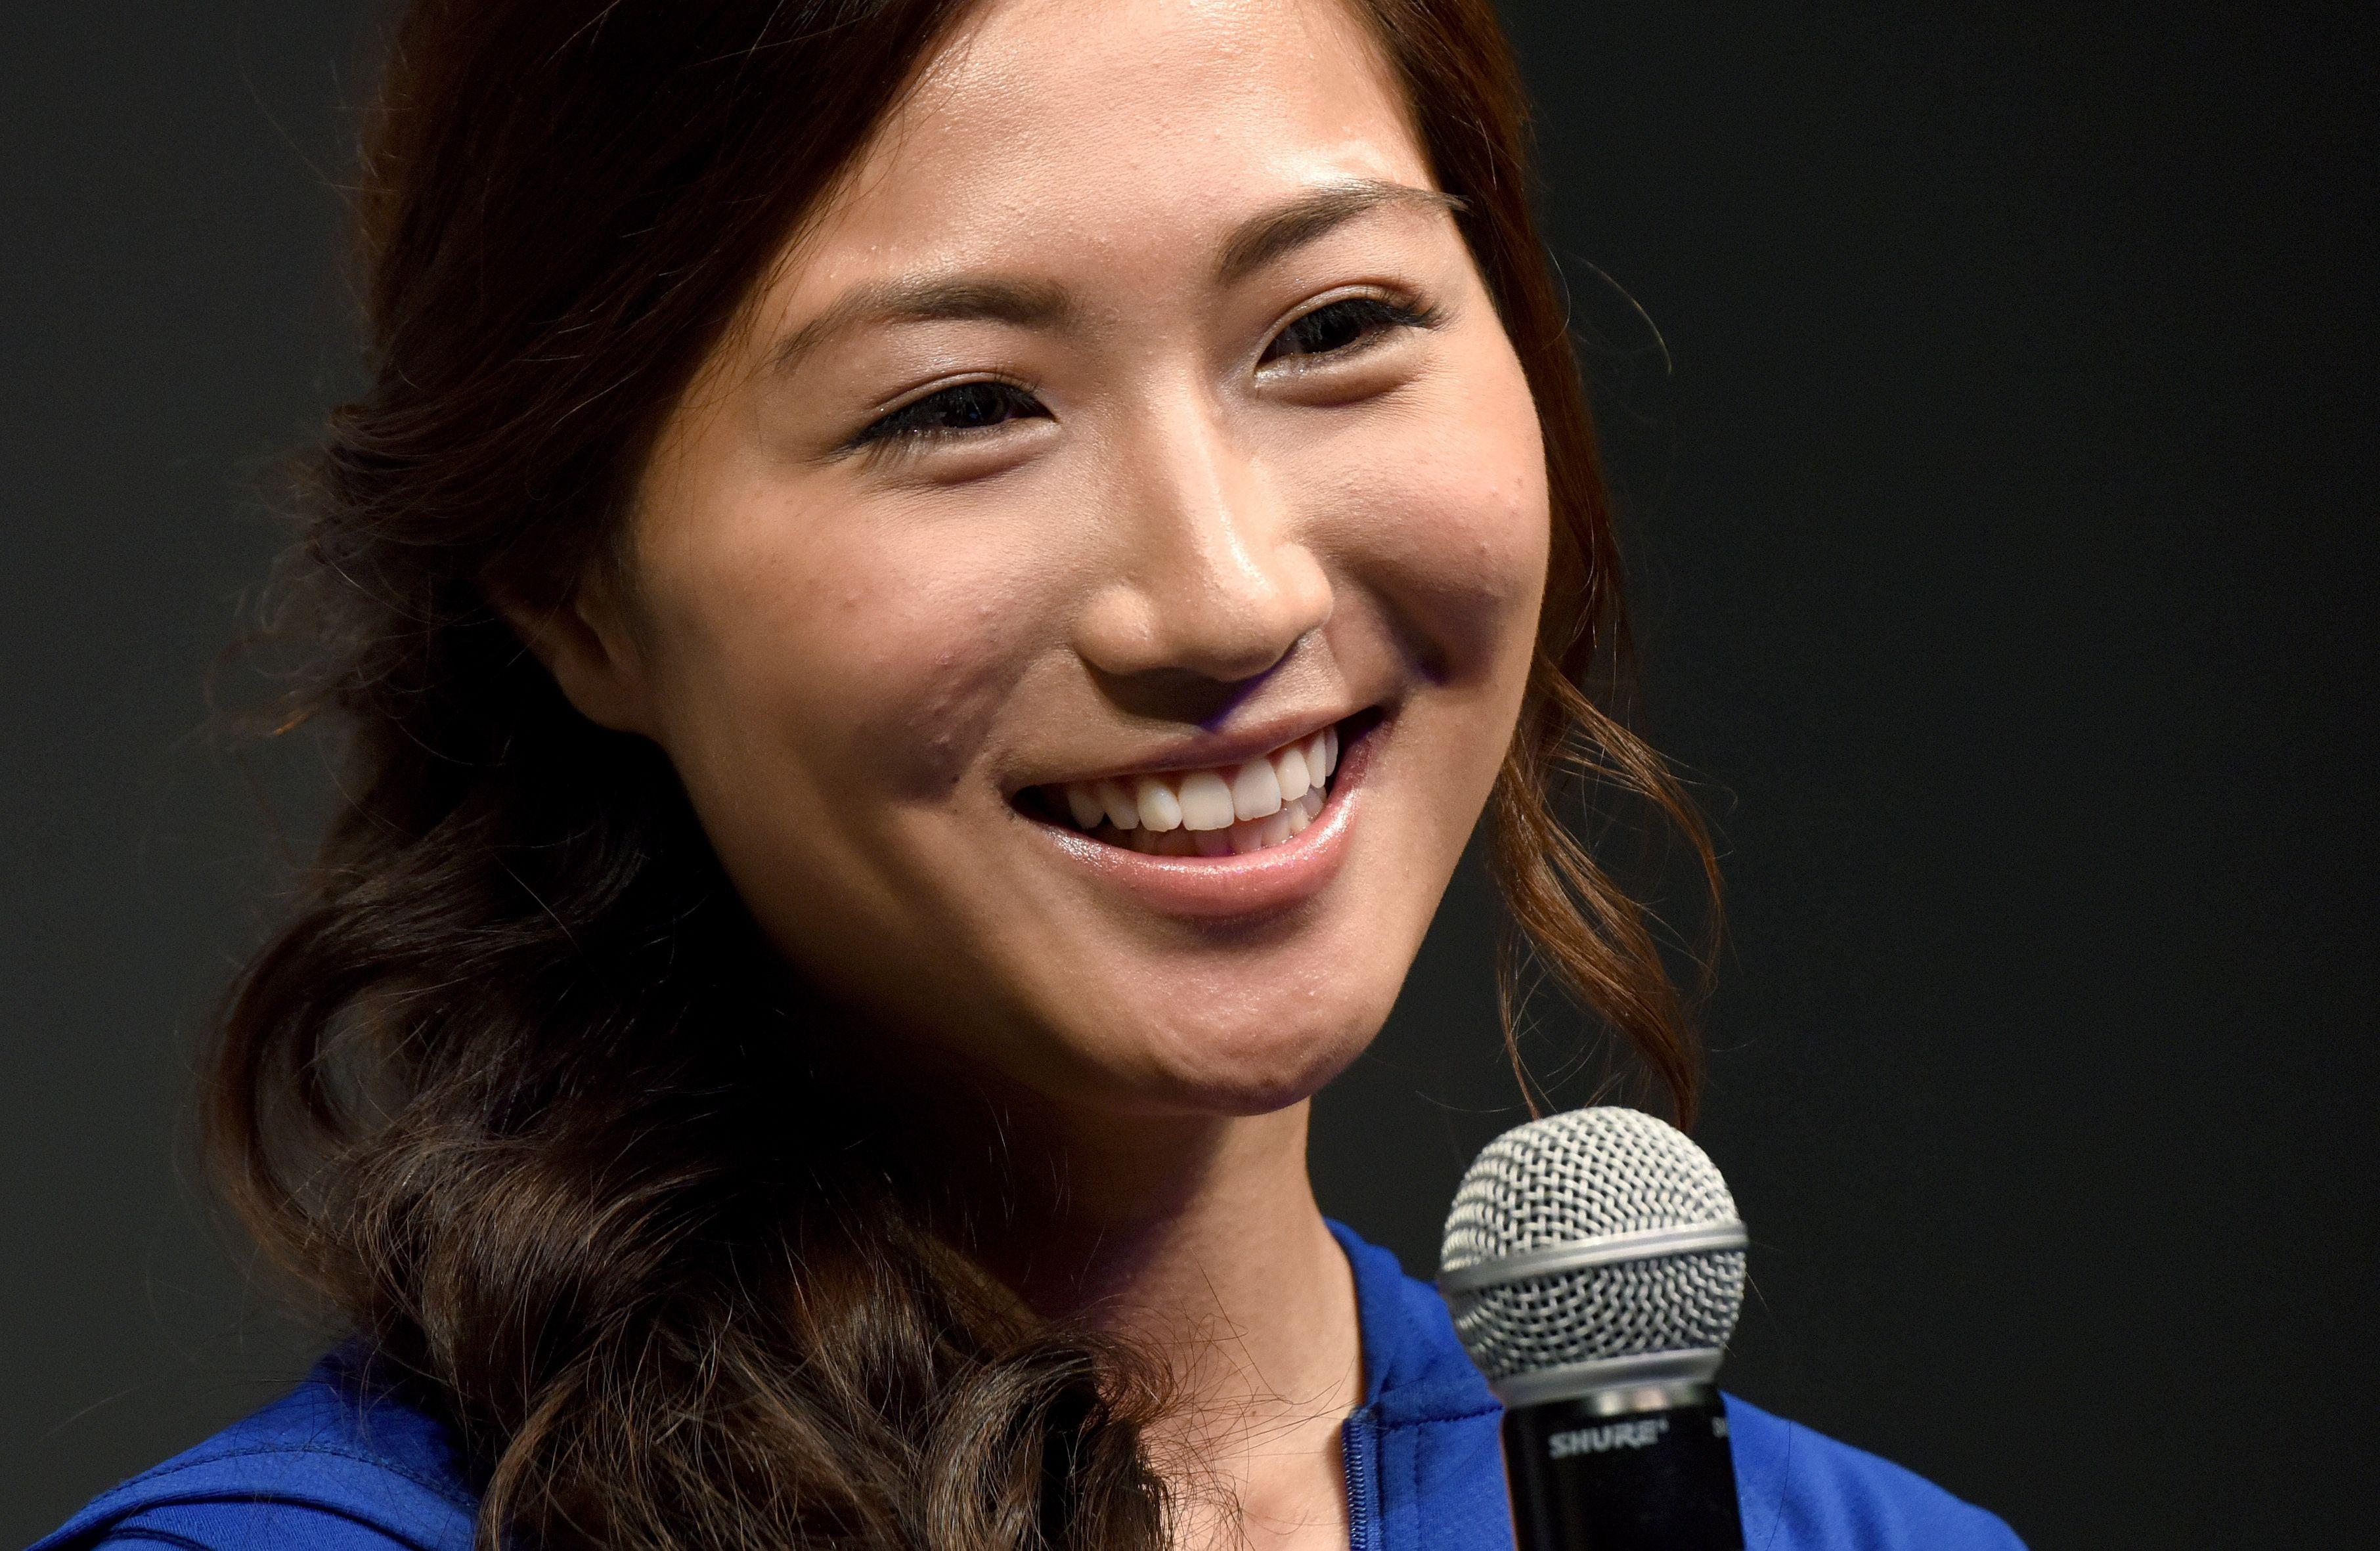 19歲日本女孩登上珠峰 20歲成大滿貫探險家